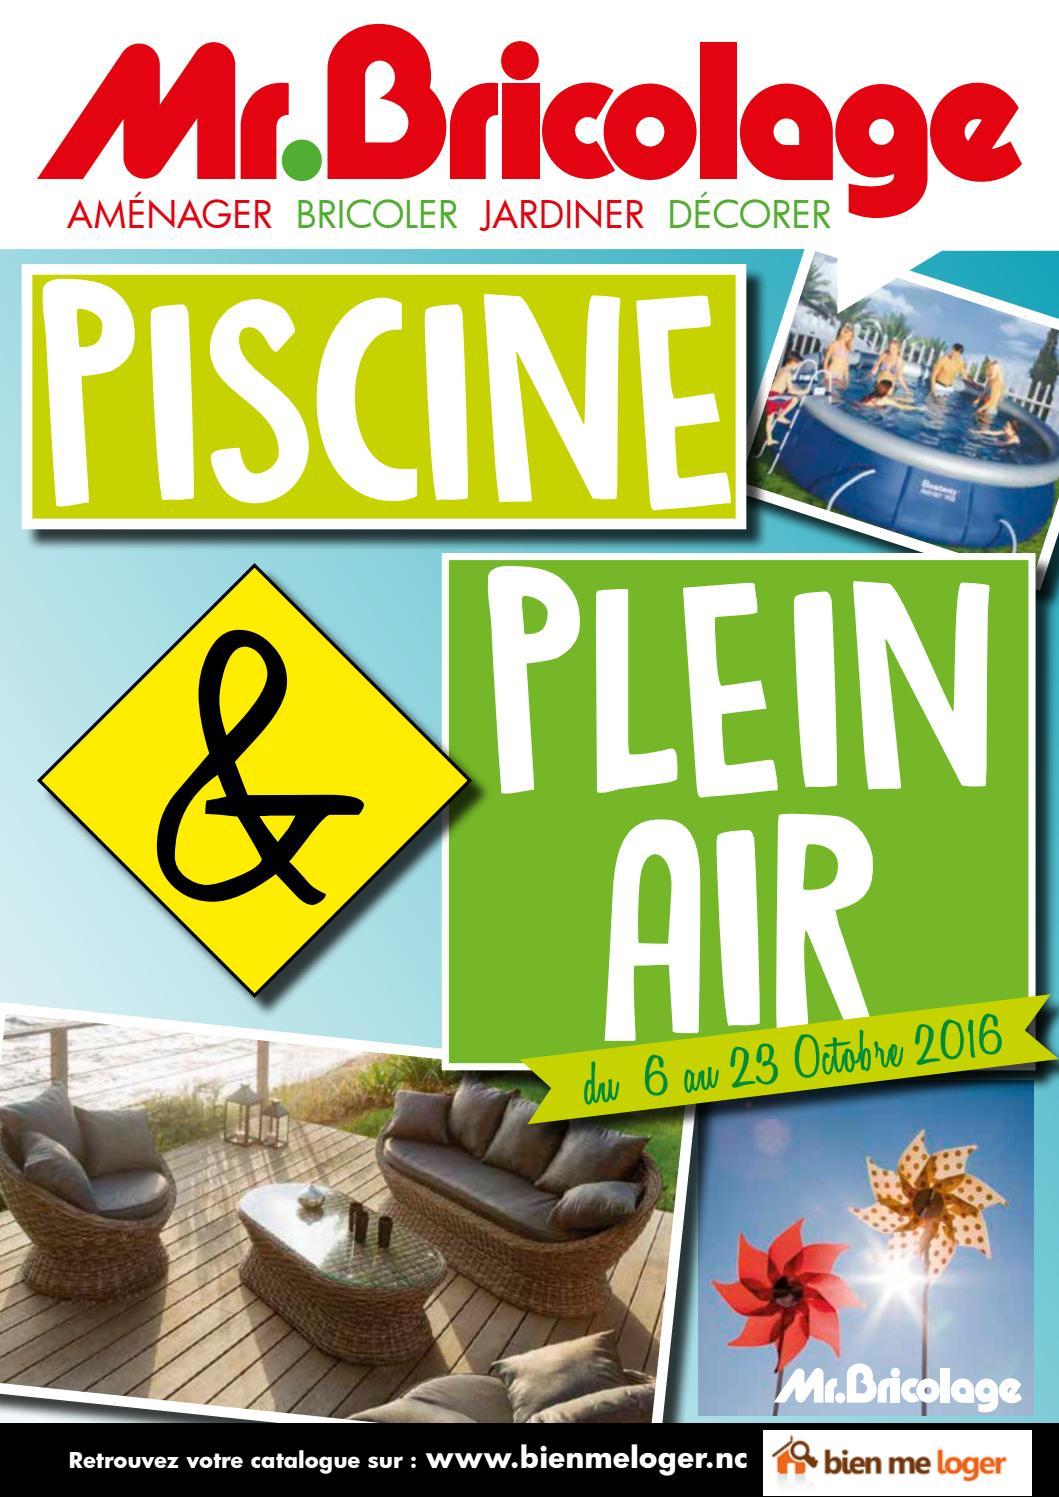 Mr Bricolage Catalogue Plein Air By Skazy - Issuu serapportantà Mr Bricolage Piscine